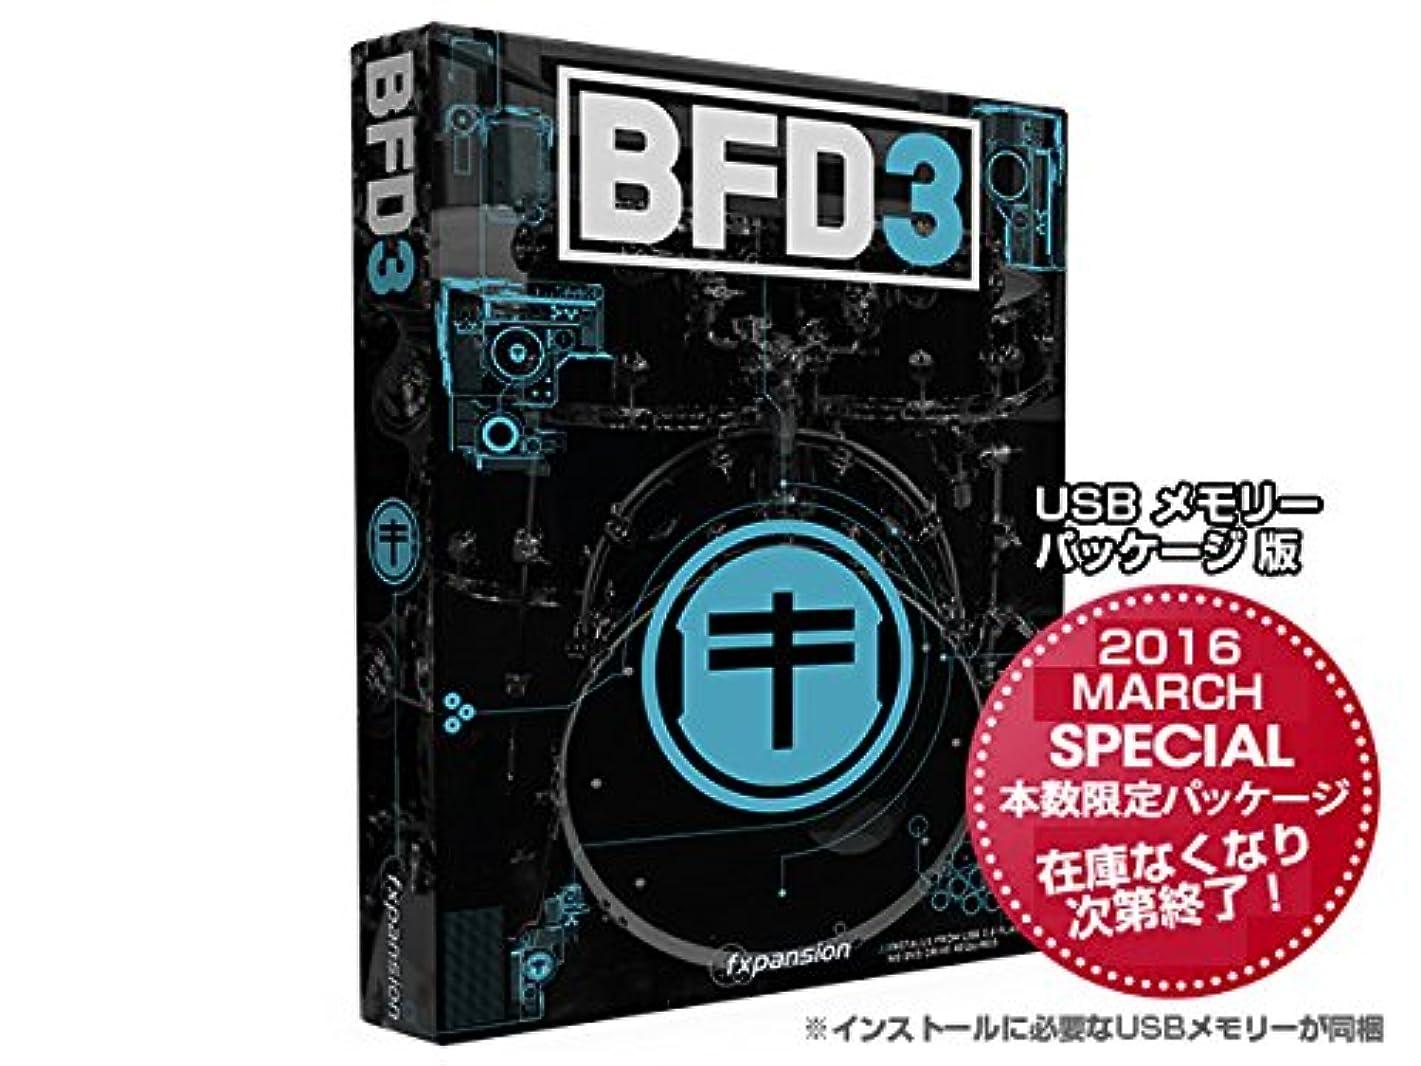 うんざりために倫理FXpansion BFD3 March 2016 Special w/ USB 2.0 Flash Drive USB版 ドラム音源 (FXパンション) 国内正規品